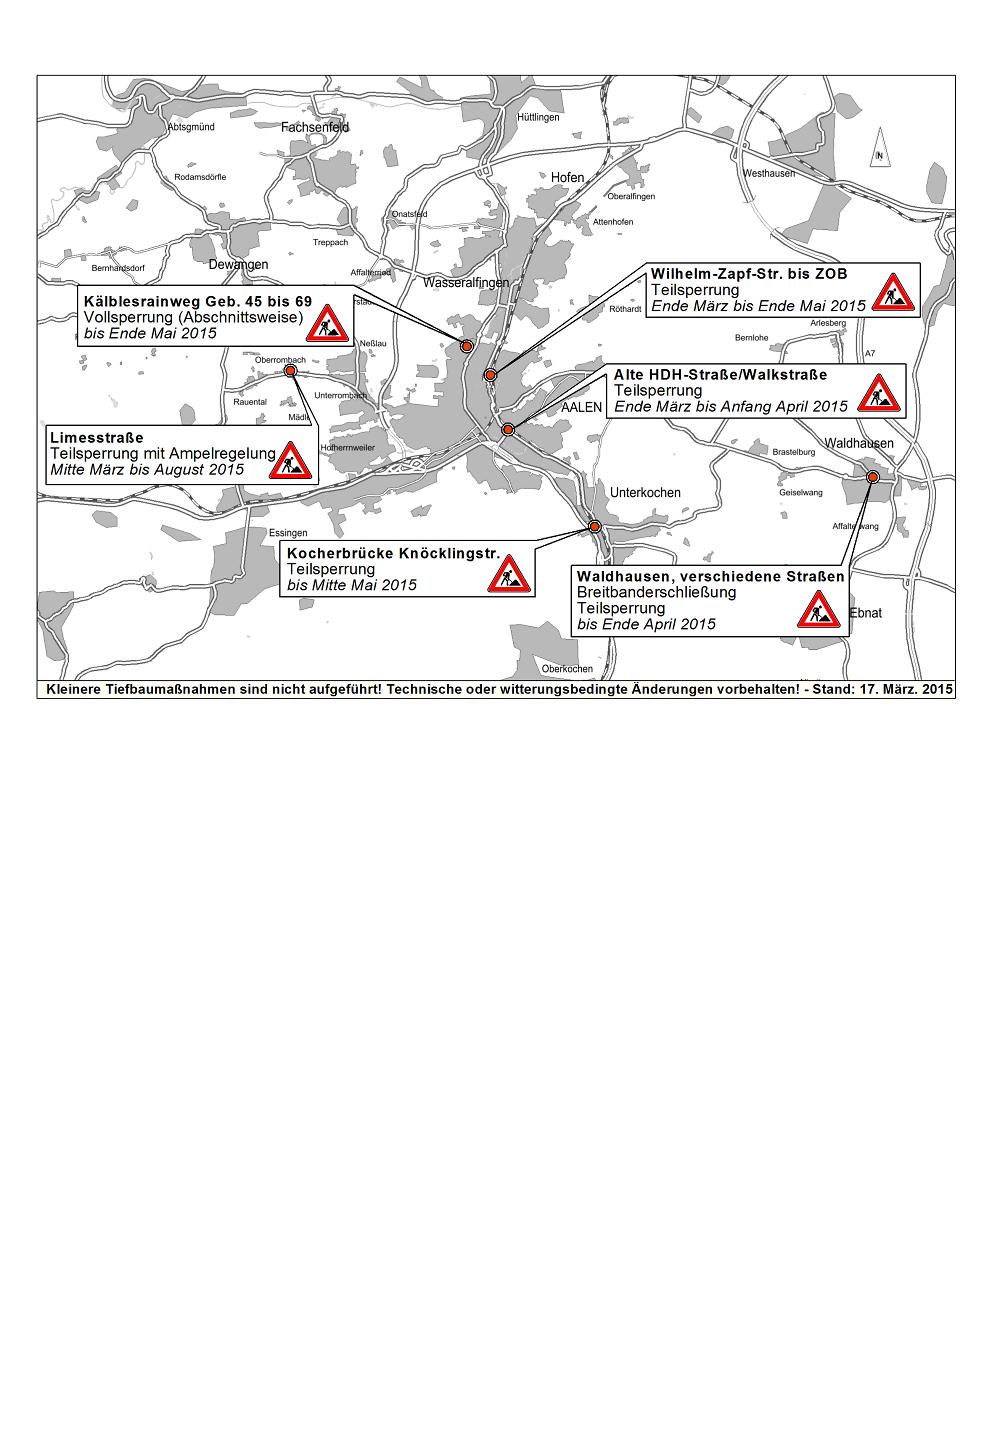 aktueller baustellenplan der stadt aalen für märz 2015 - stadt aalen